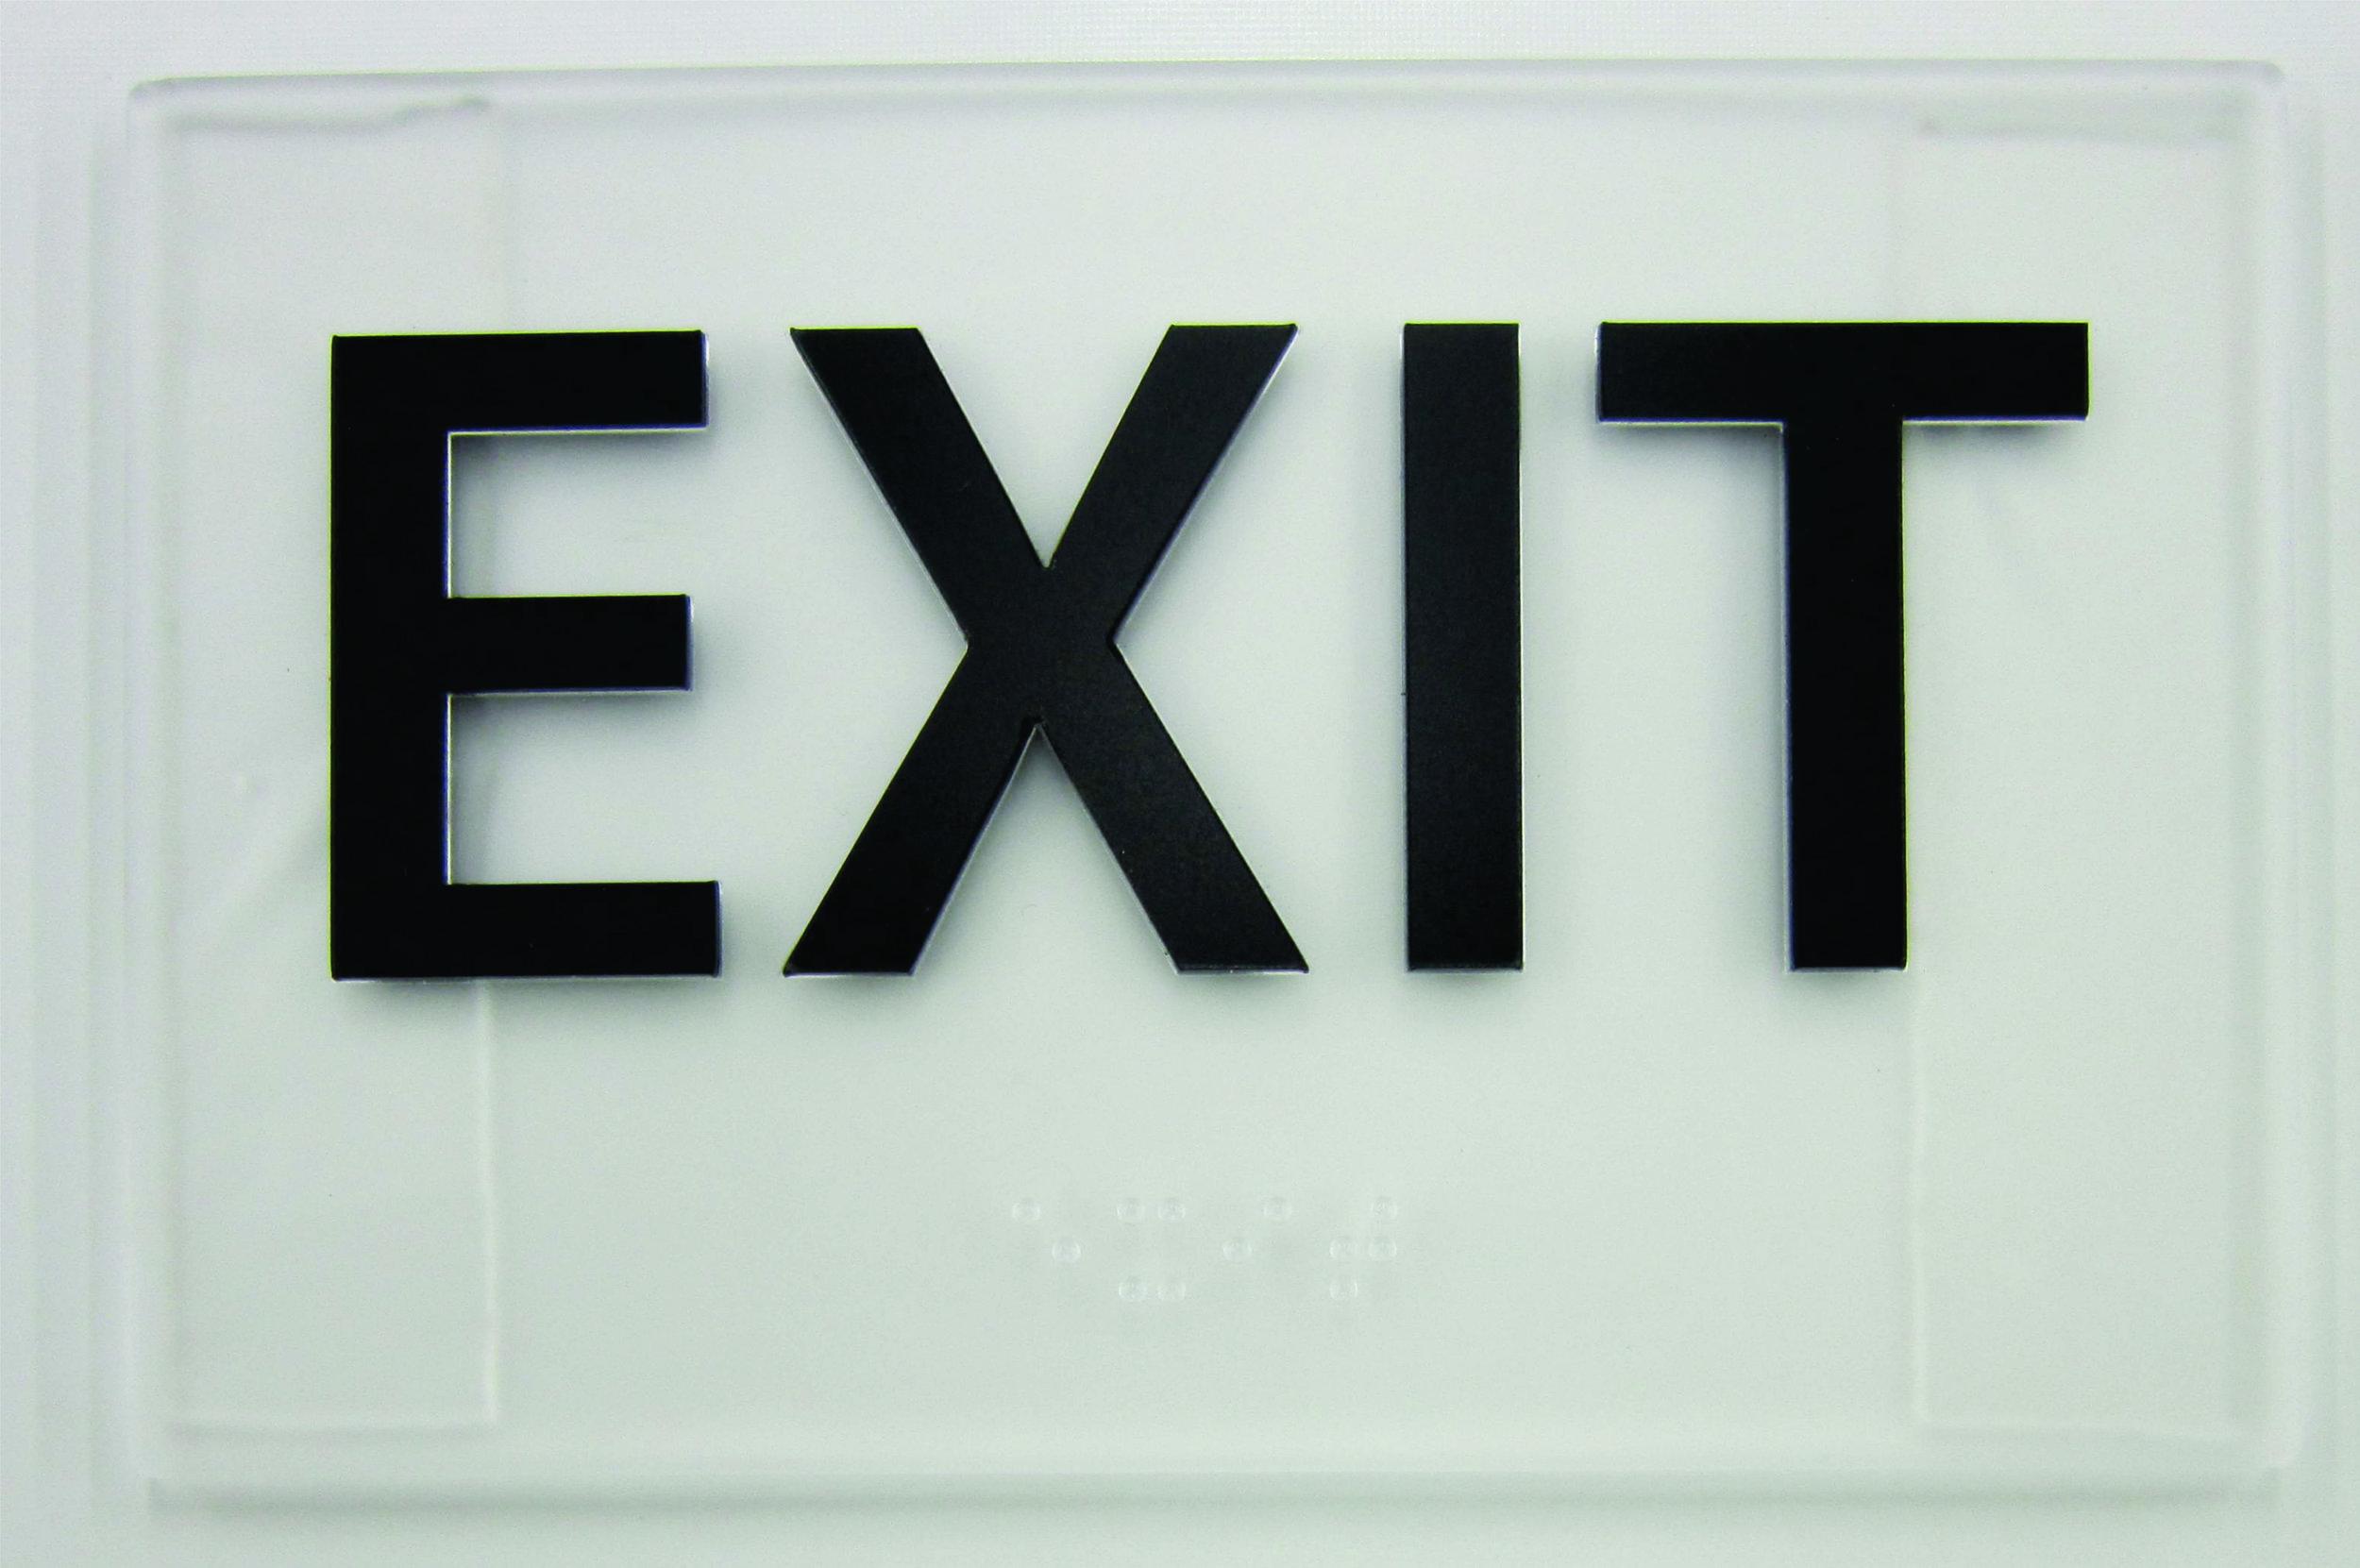 exitsigns.jpg